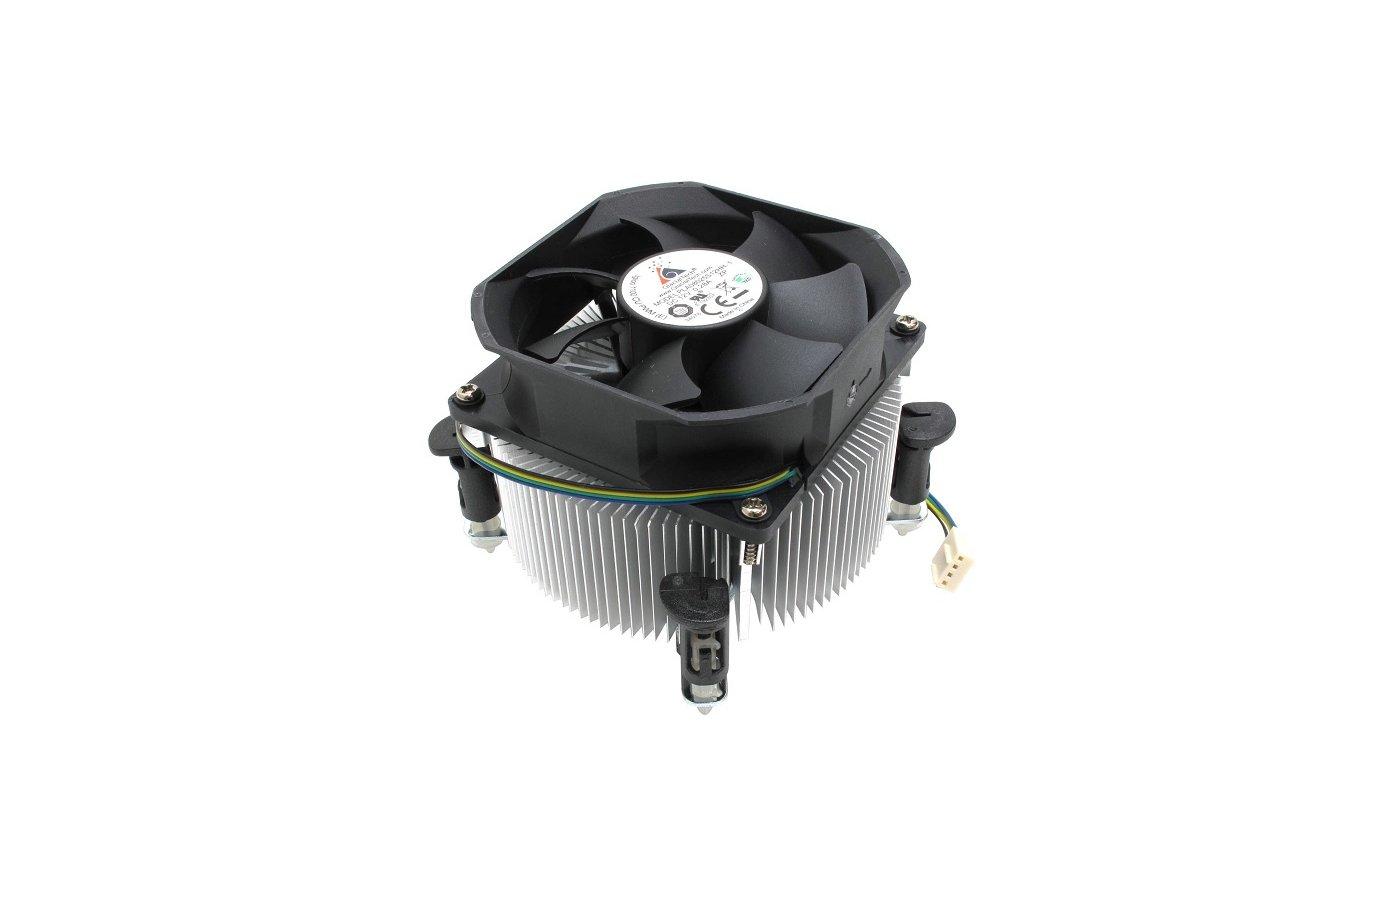 Охлаждение Glacialtech Igloo 1100 PWM Soc-1150/1155/1156/ 4pin 15-38dB Al 95W 380g клипсы BULK